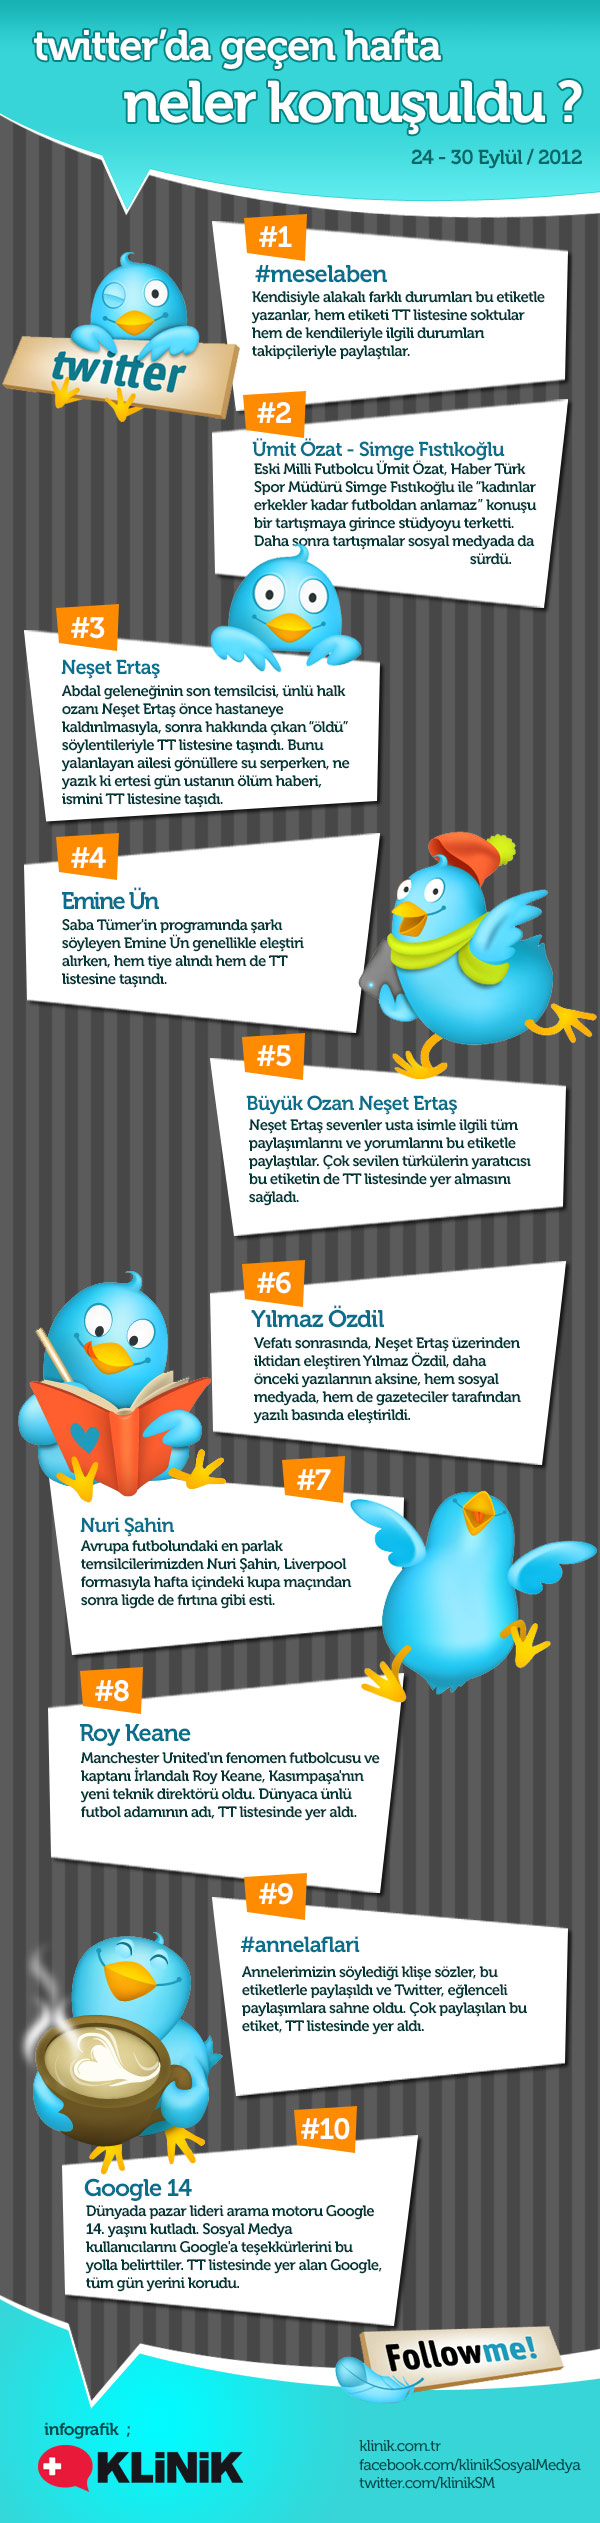 Twitter'da Geçen Hafta Ne Konuşuldu?